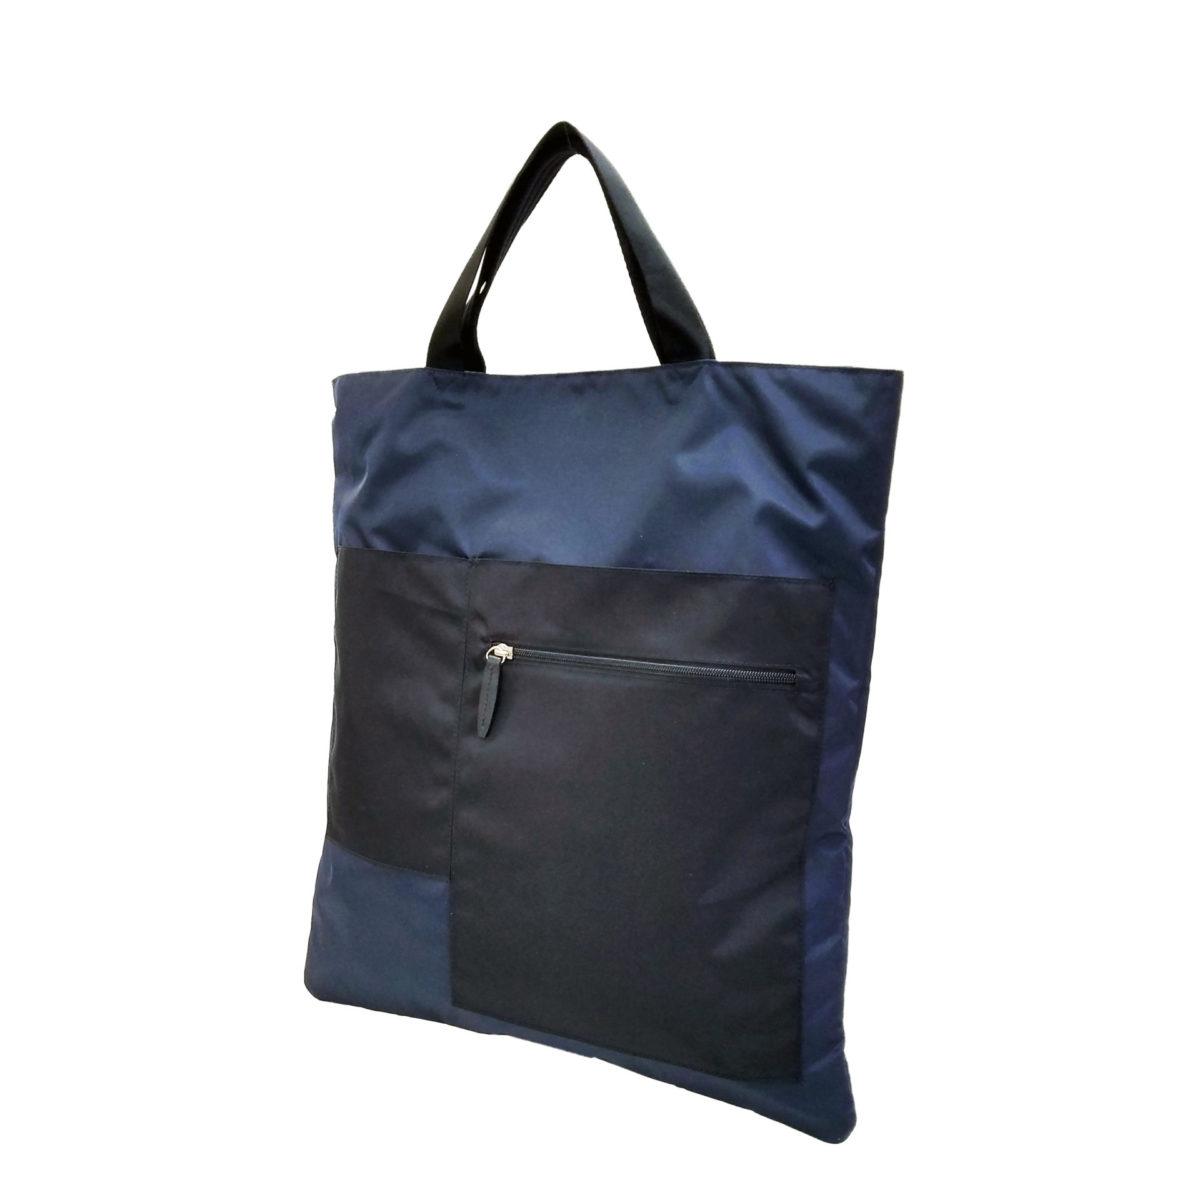 京都限定のELISIR caede KYOTO | エリシアカエデ京都のバッグシリーズ ADRIA MISTO CERBERUS 3